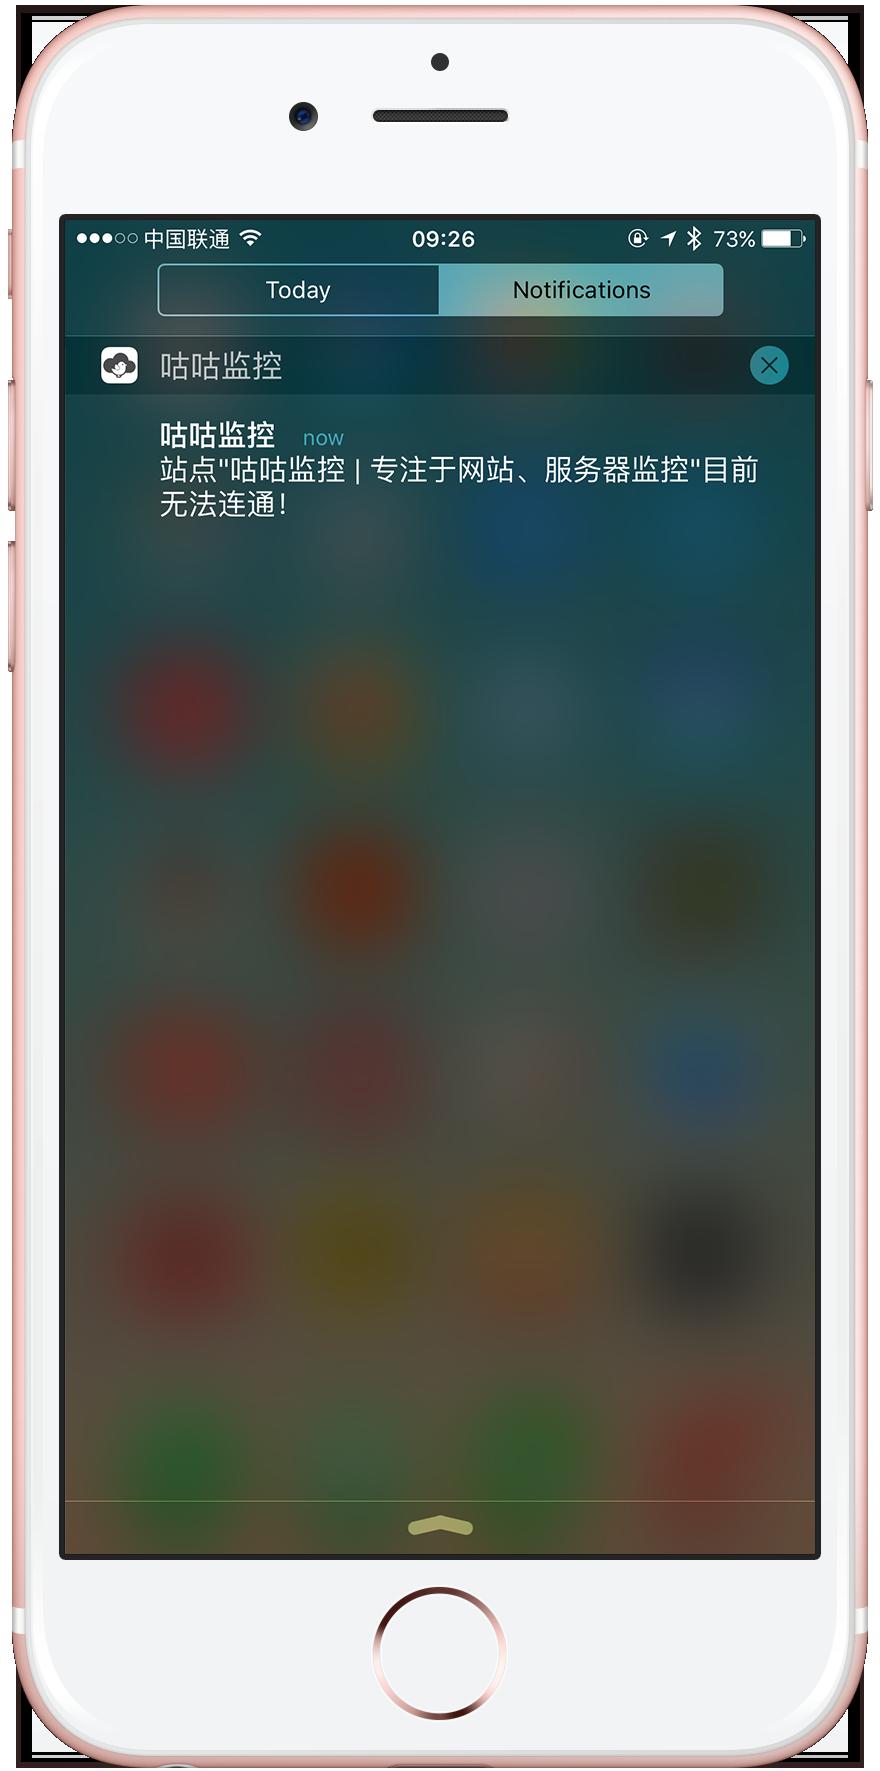 宕机 App 消息推送提醒